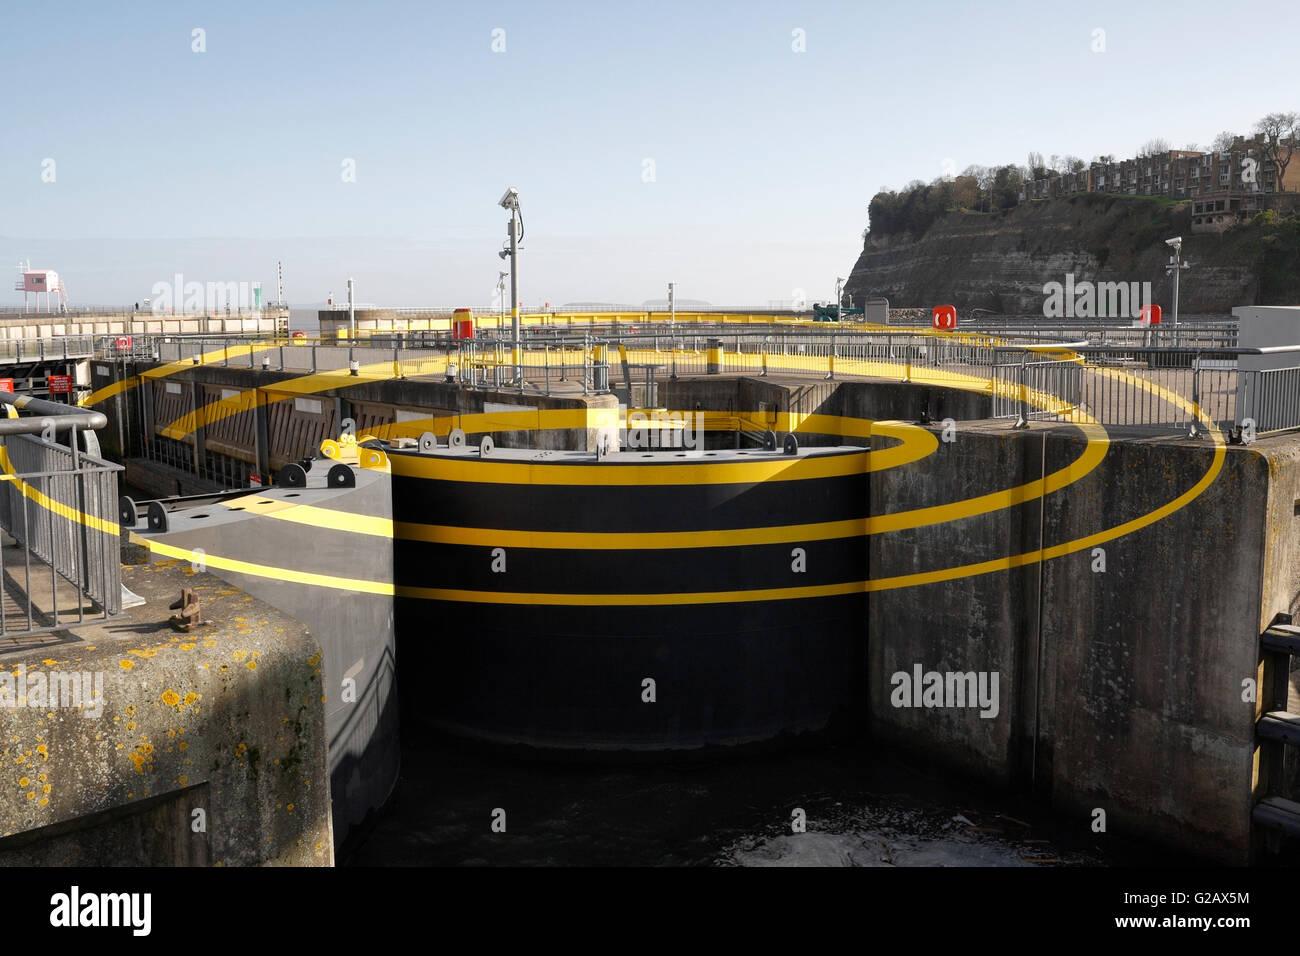 Ilusión visual la obra de arte en Cardiff Bay barrage de Felice Varini - 3 elipses para 3 bloquea Imagen De Stock